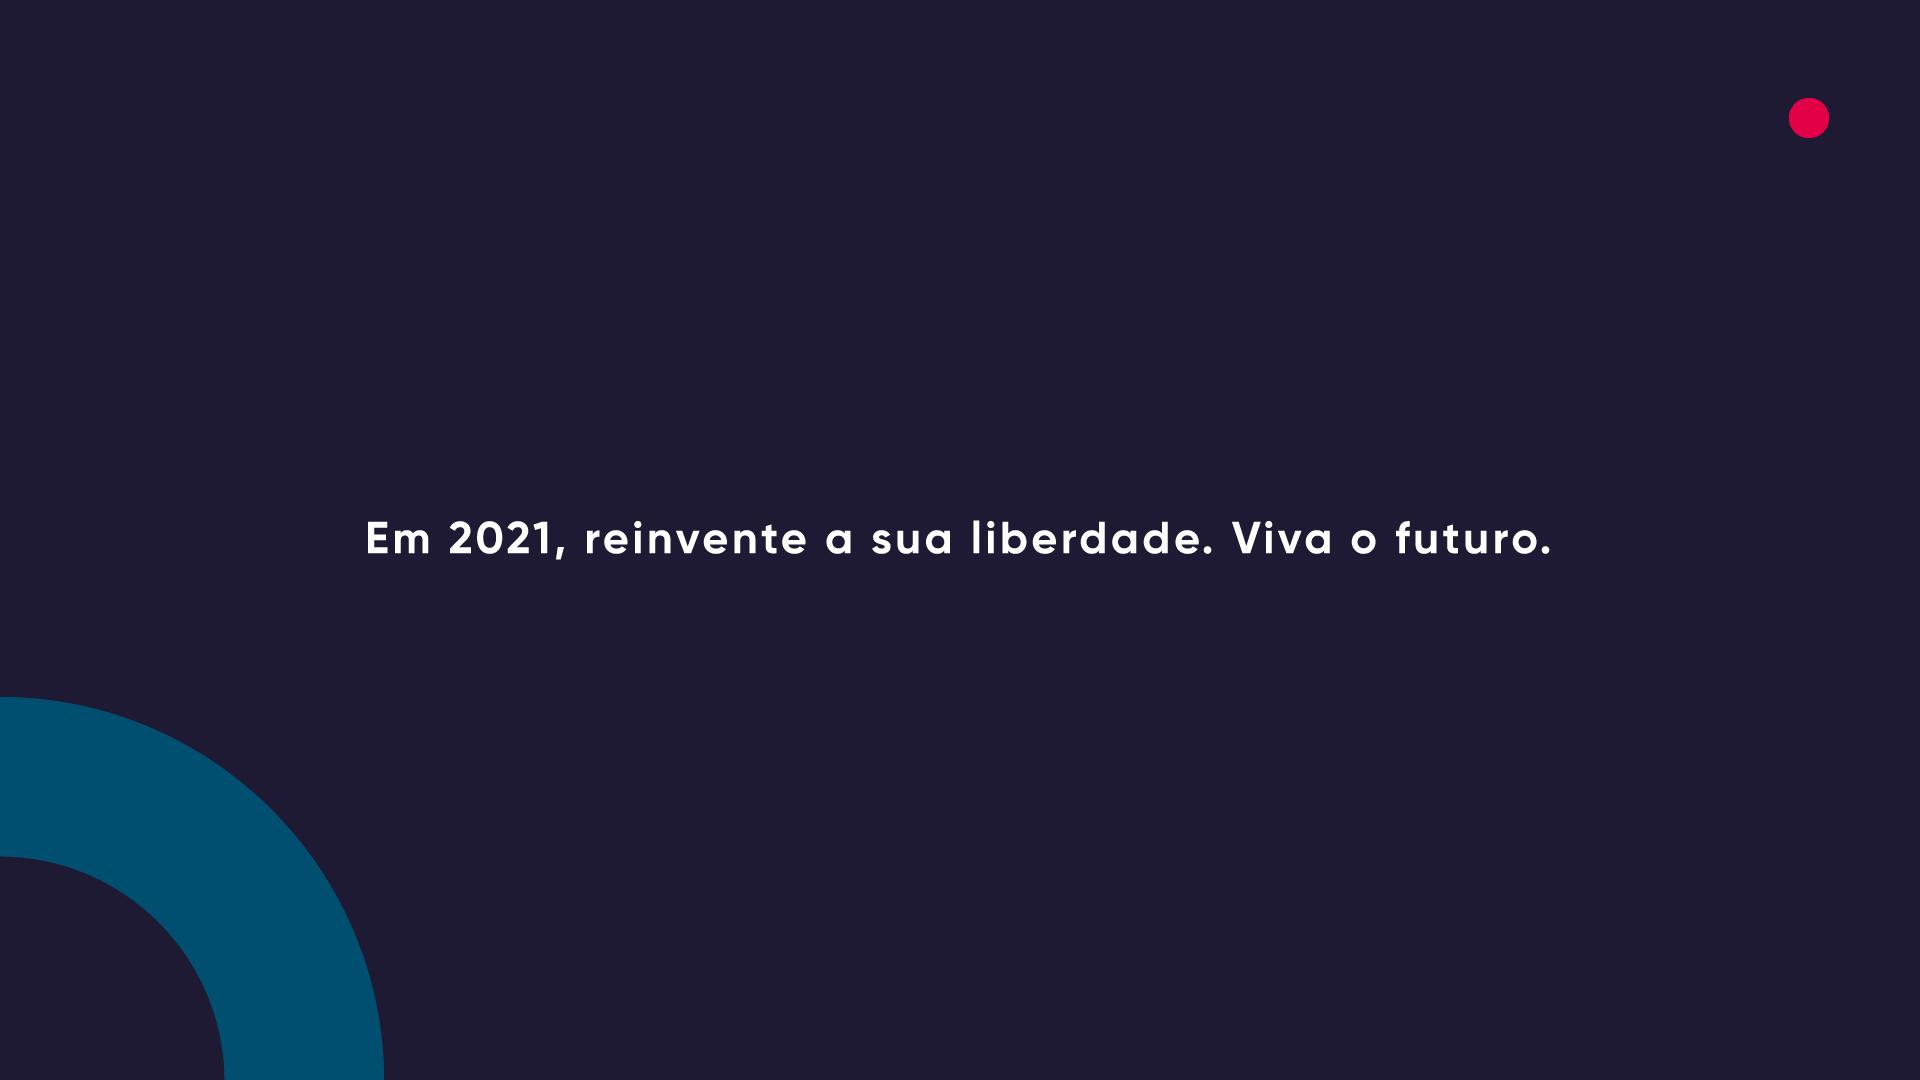 Em 2021, reinvente a sua liberdade. Viva o futuro